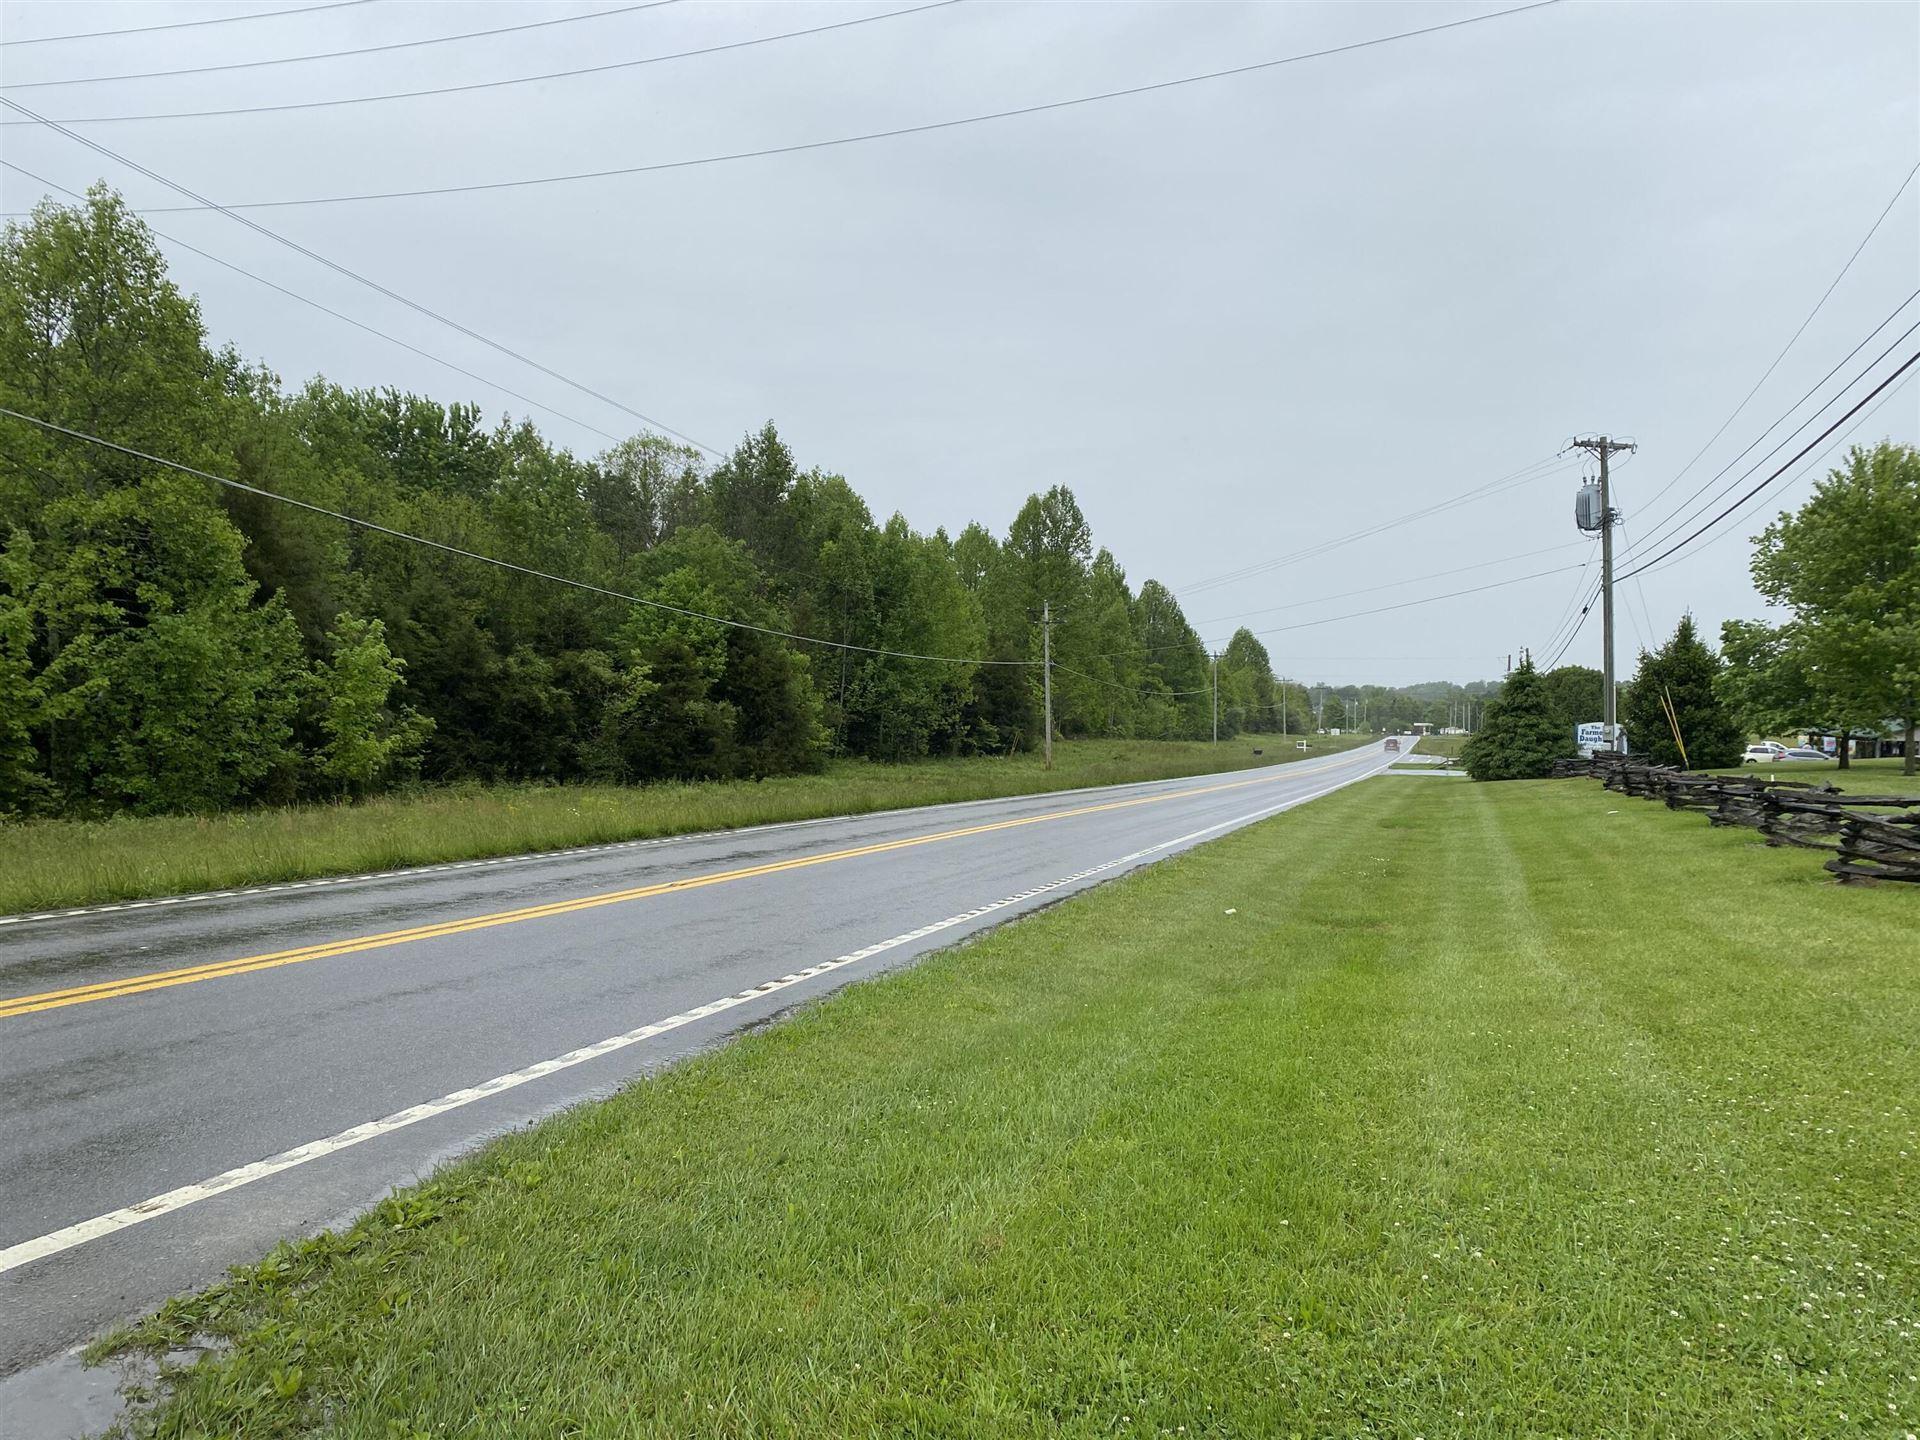 Photo of 000 Erwin Highway, Chuckey, TN 37641 (MLS # 9922381)